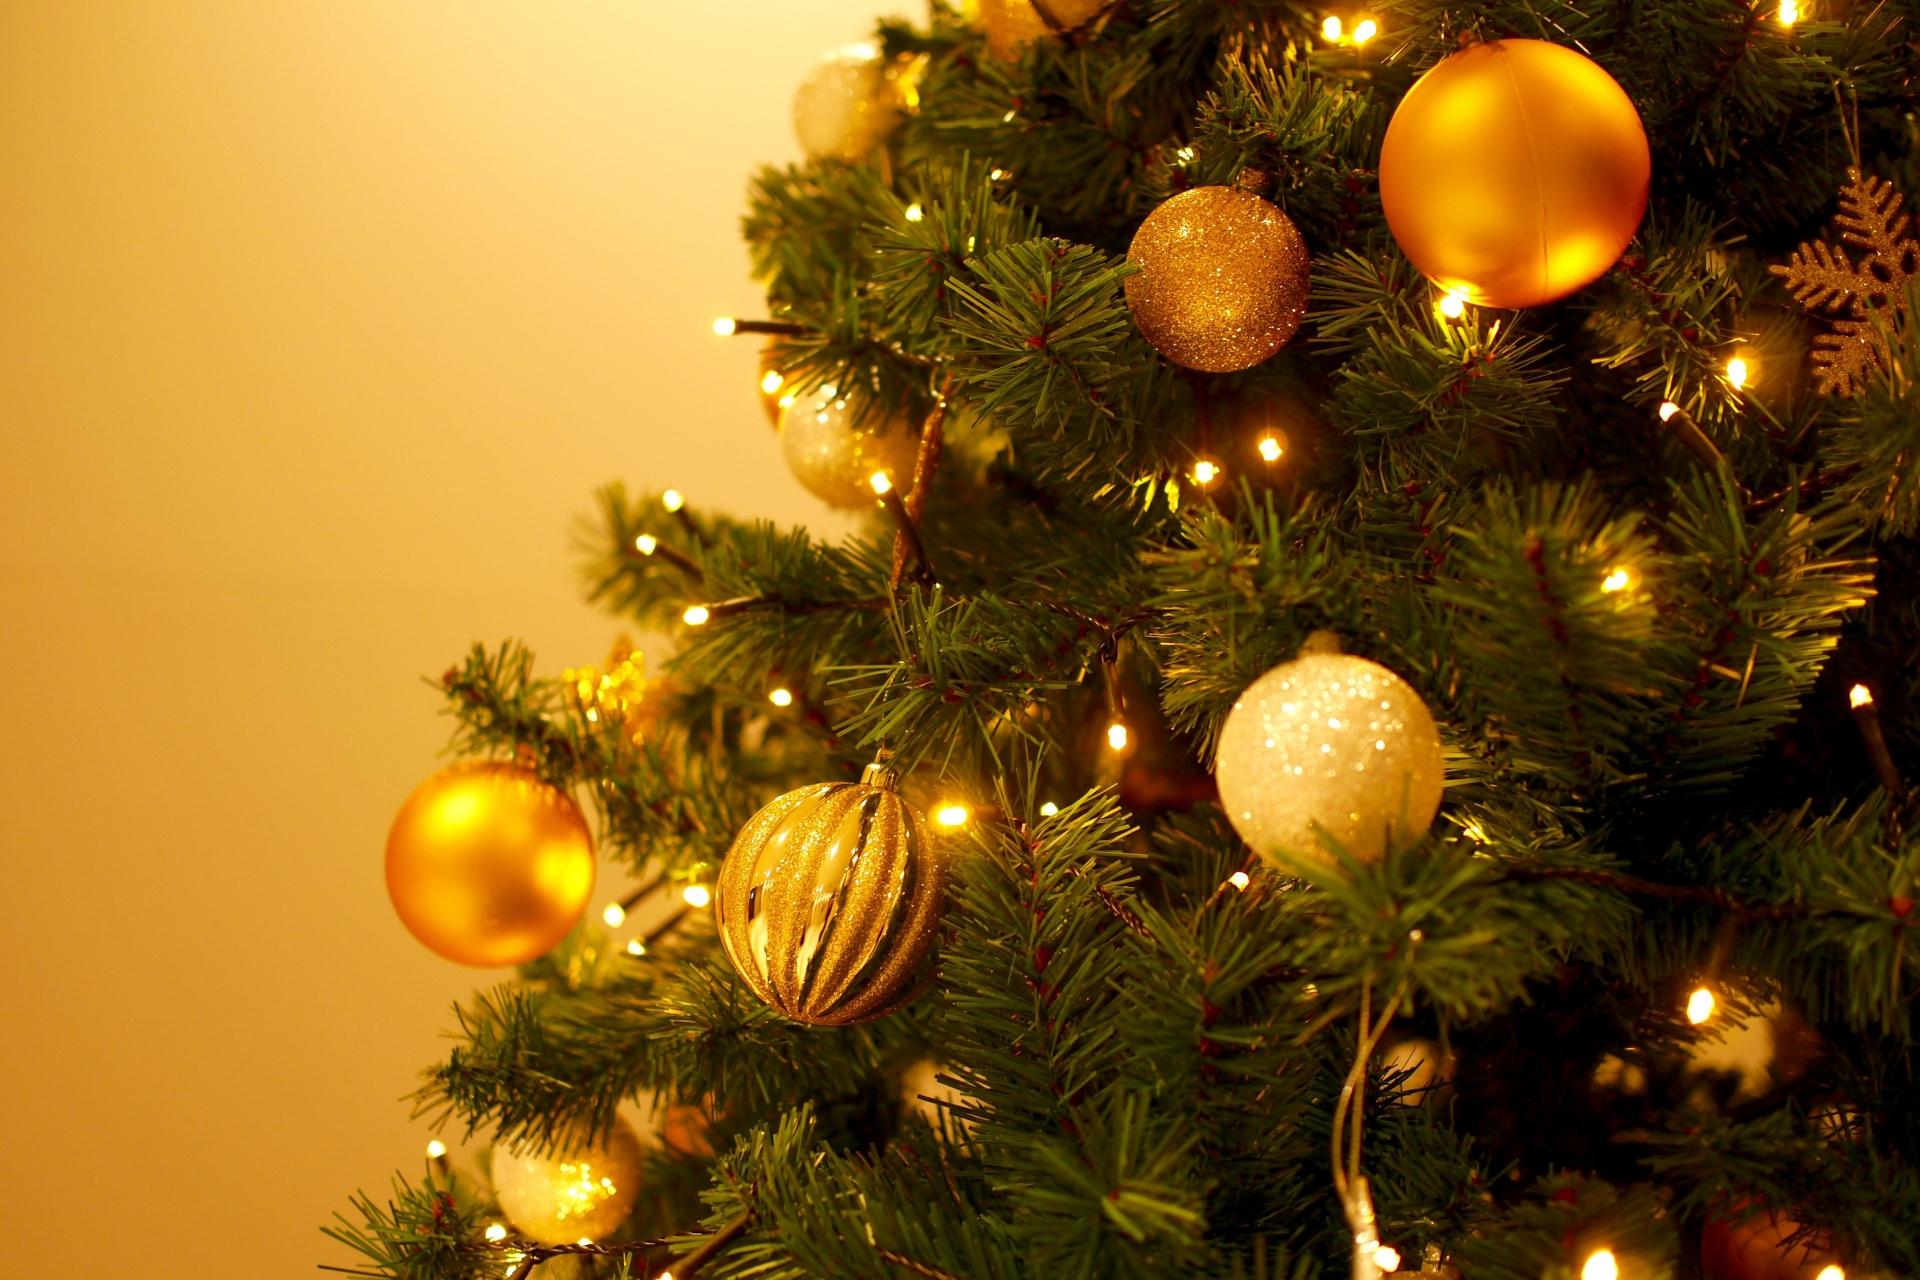 クリスマスツリーオーナメントのおすすめ10選!北欧風でおしゃれに